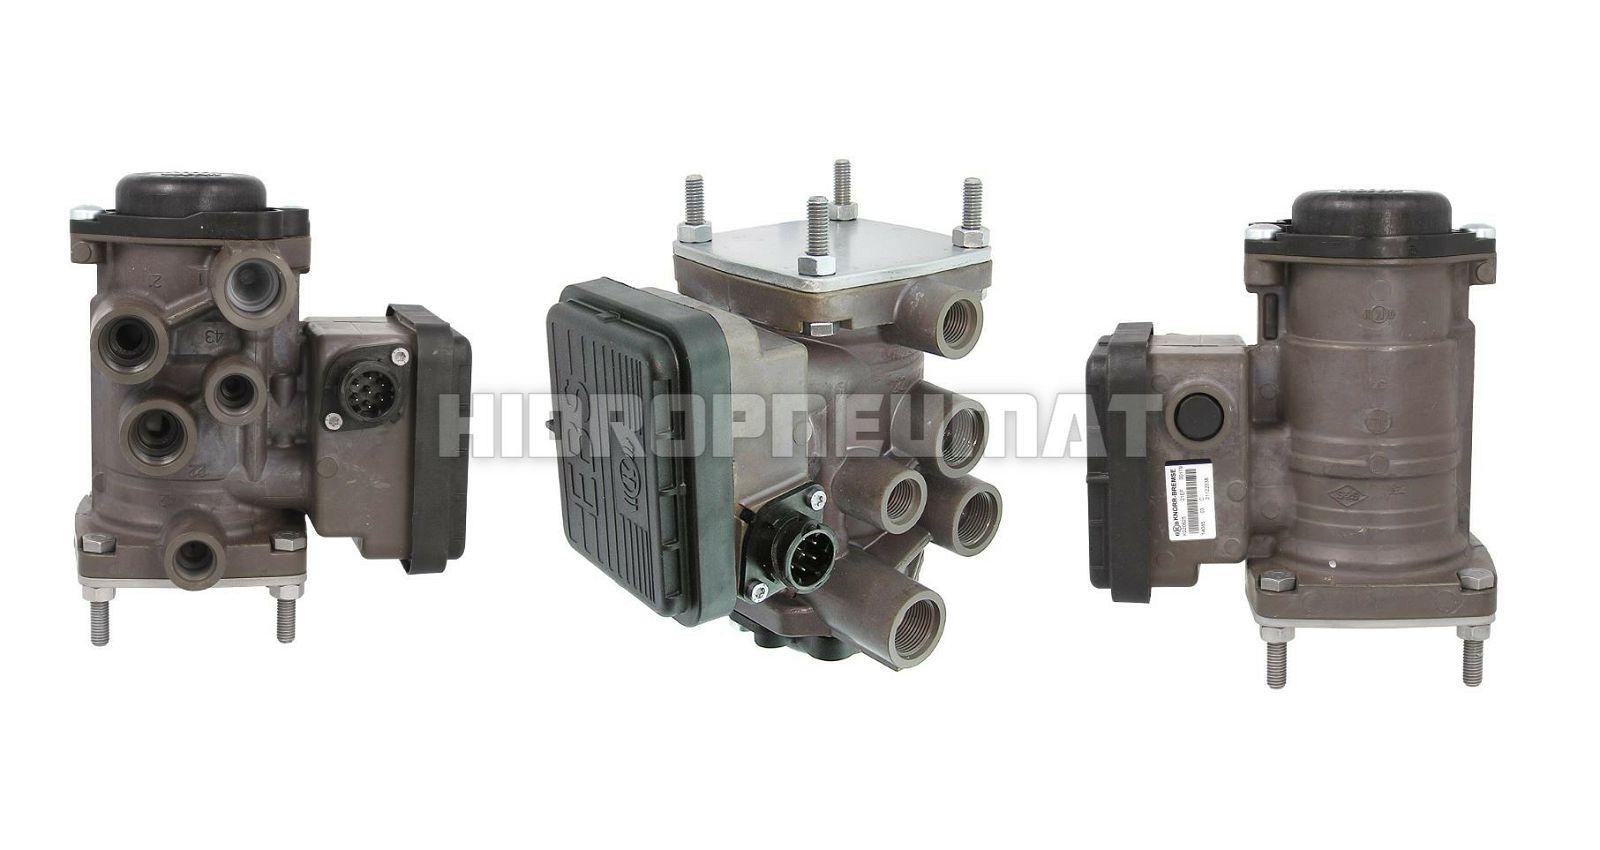 ventil-ebs-prikolicni-7421122038-k020625-125636_1.jpg